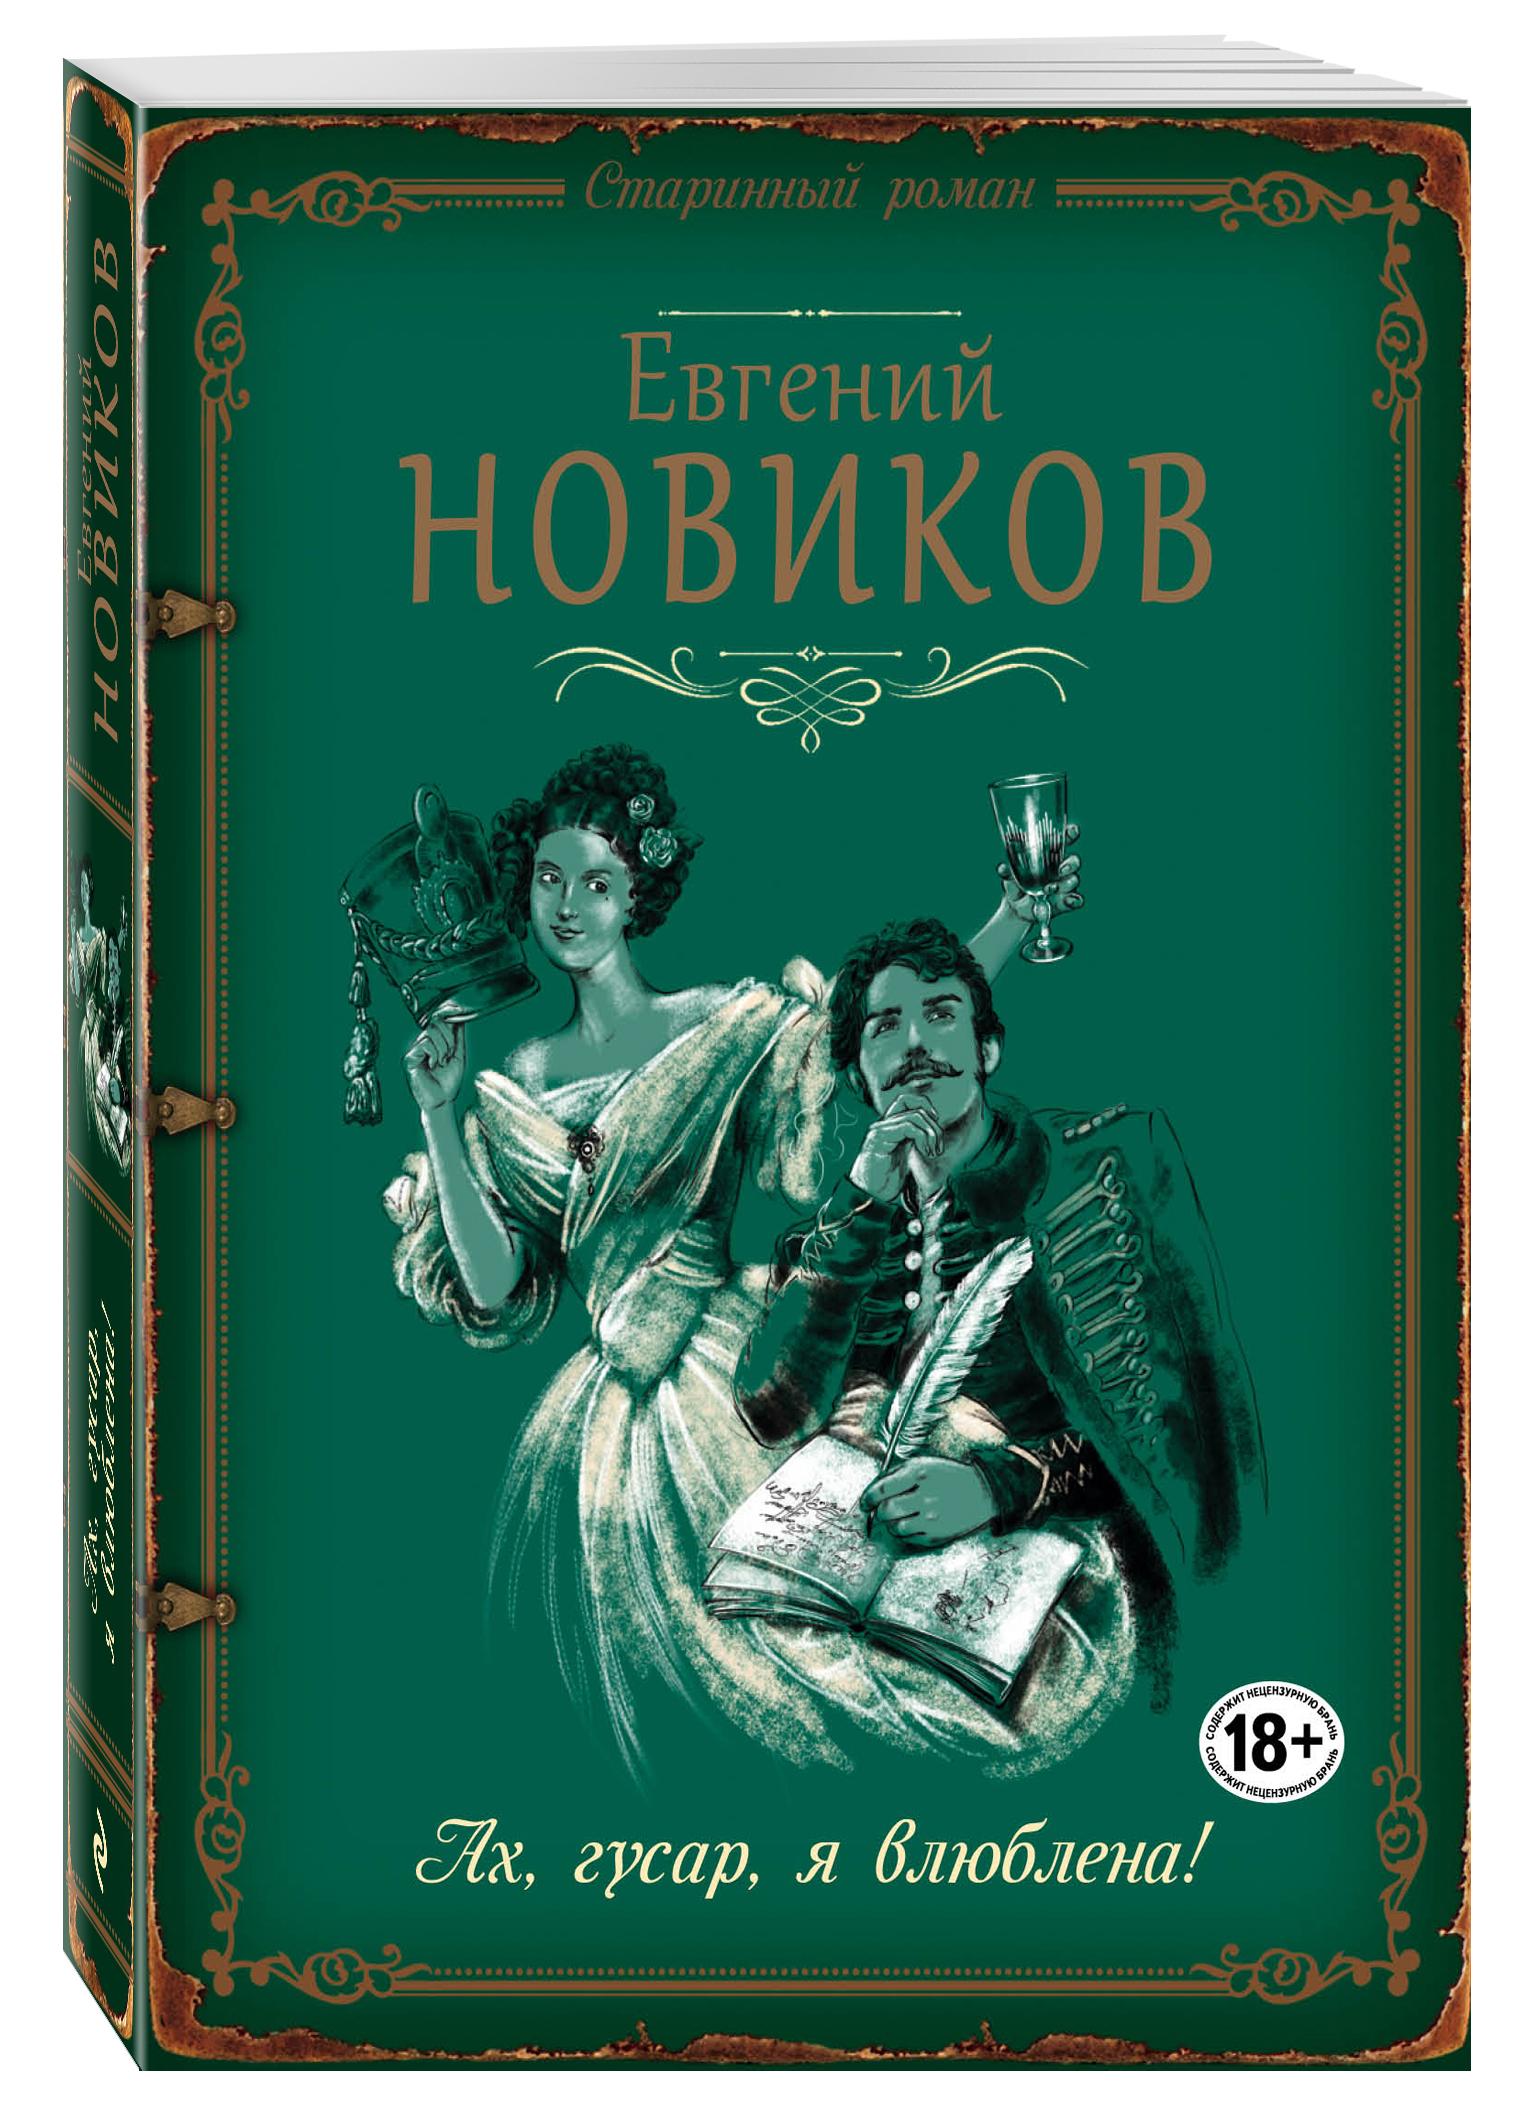 Евгений Новиков Ах, гусар, я влюблена! новиков е б ах гусар я влюблена роман